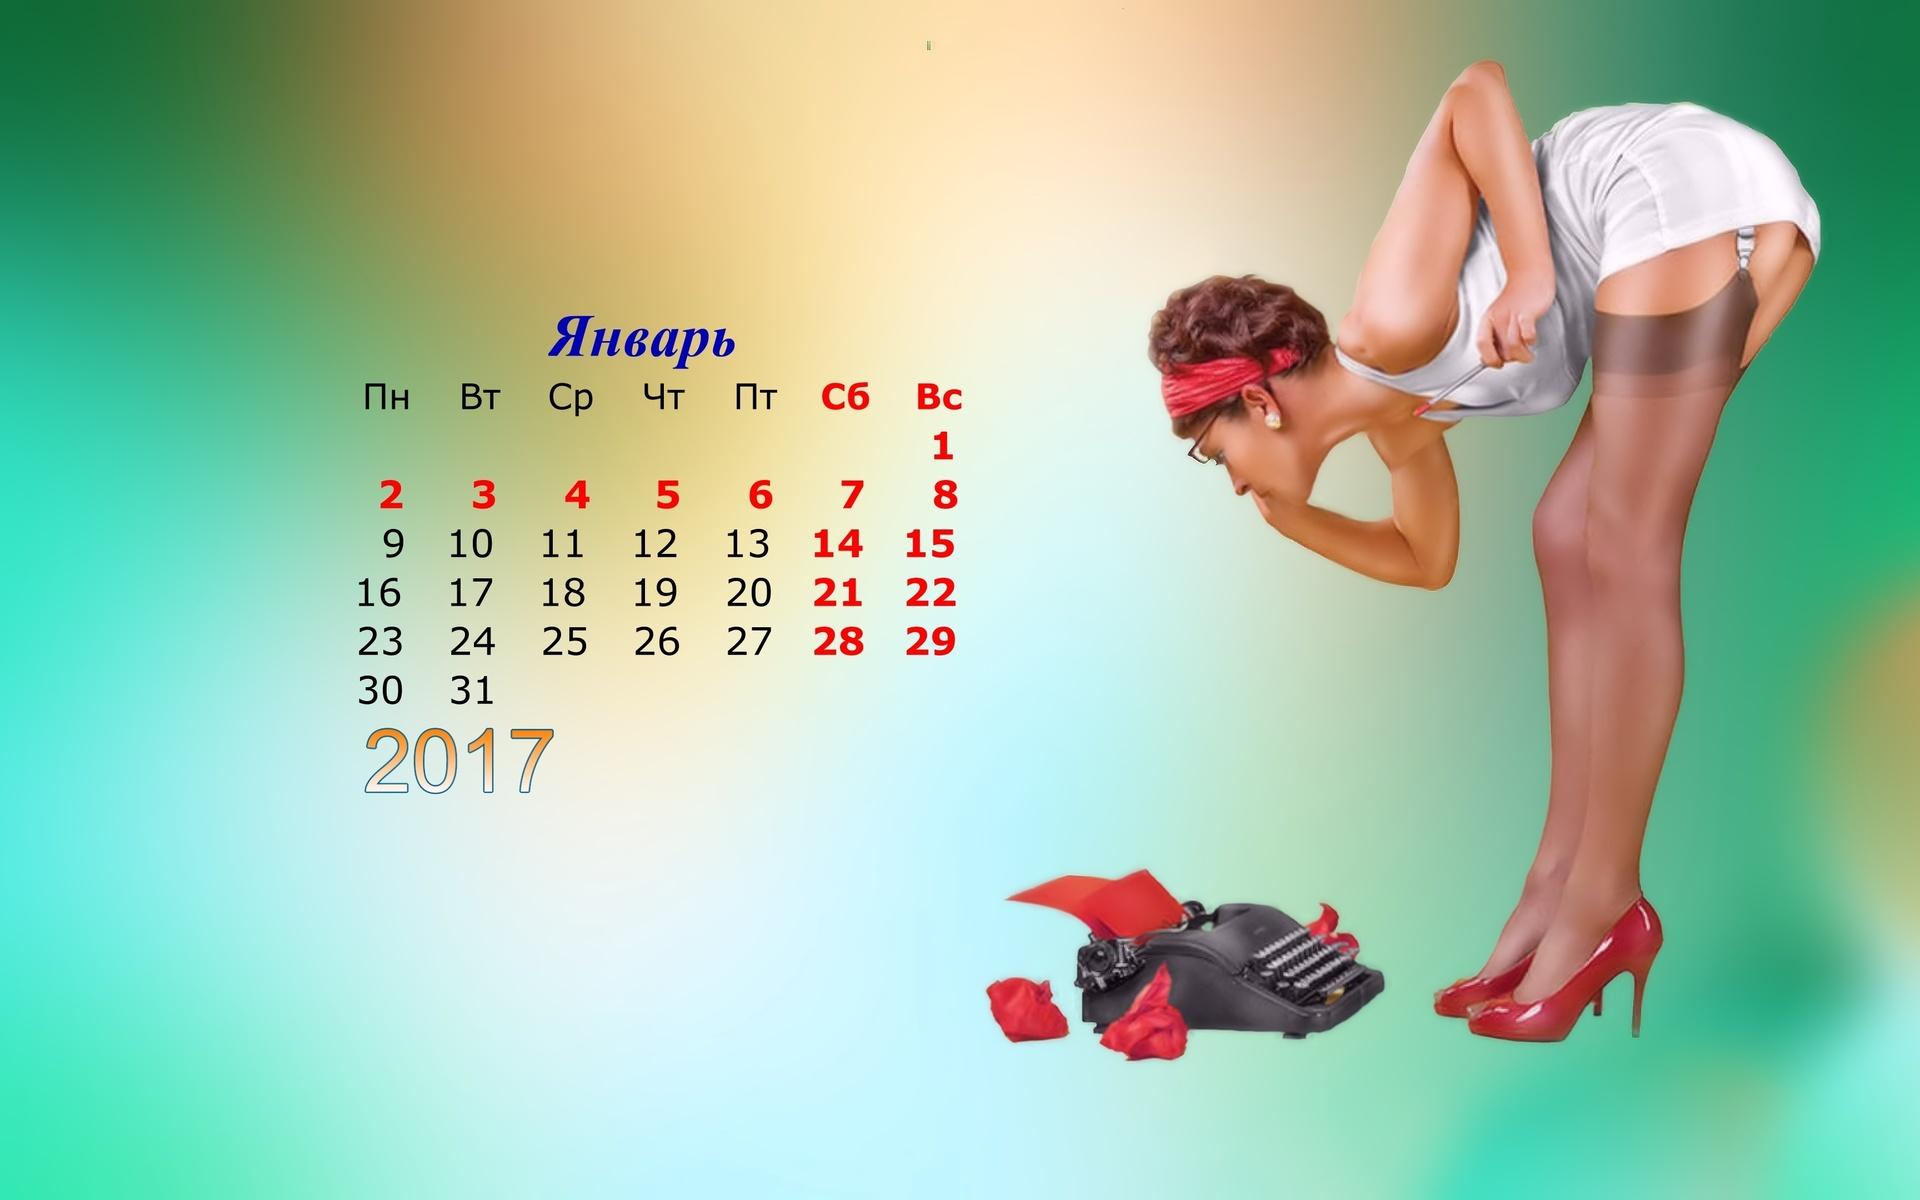 календарь сексуальных игр том